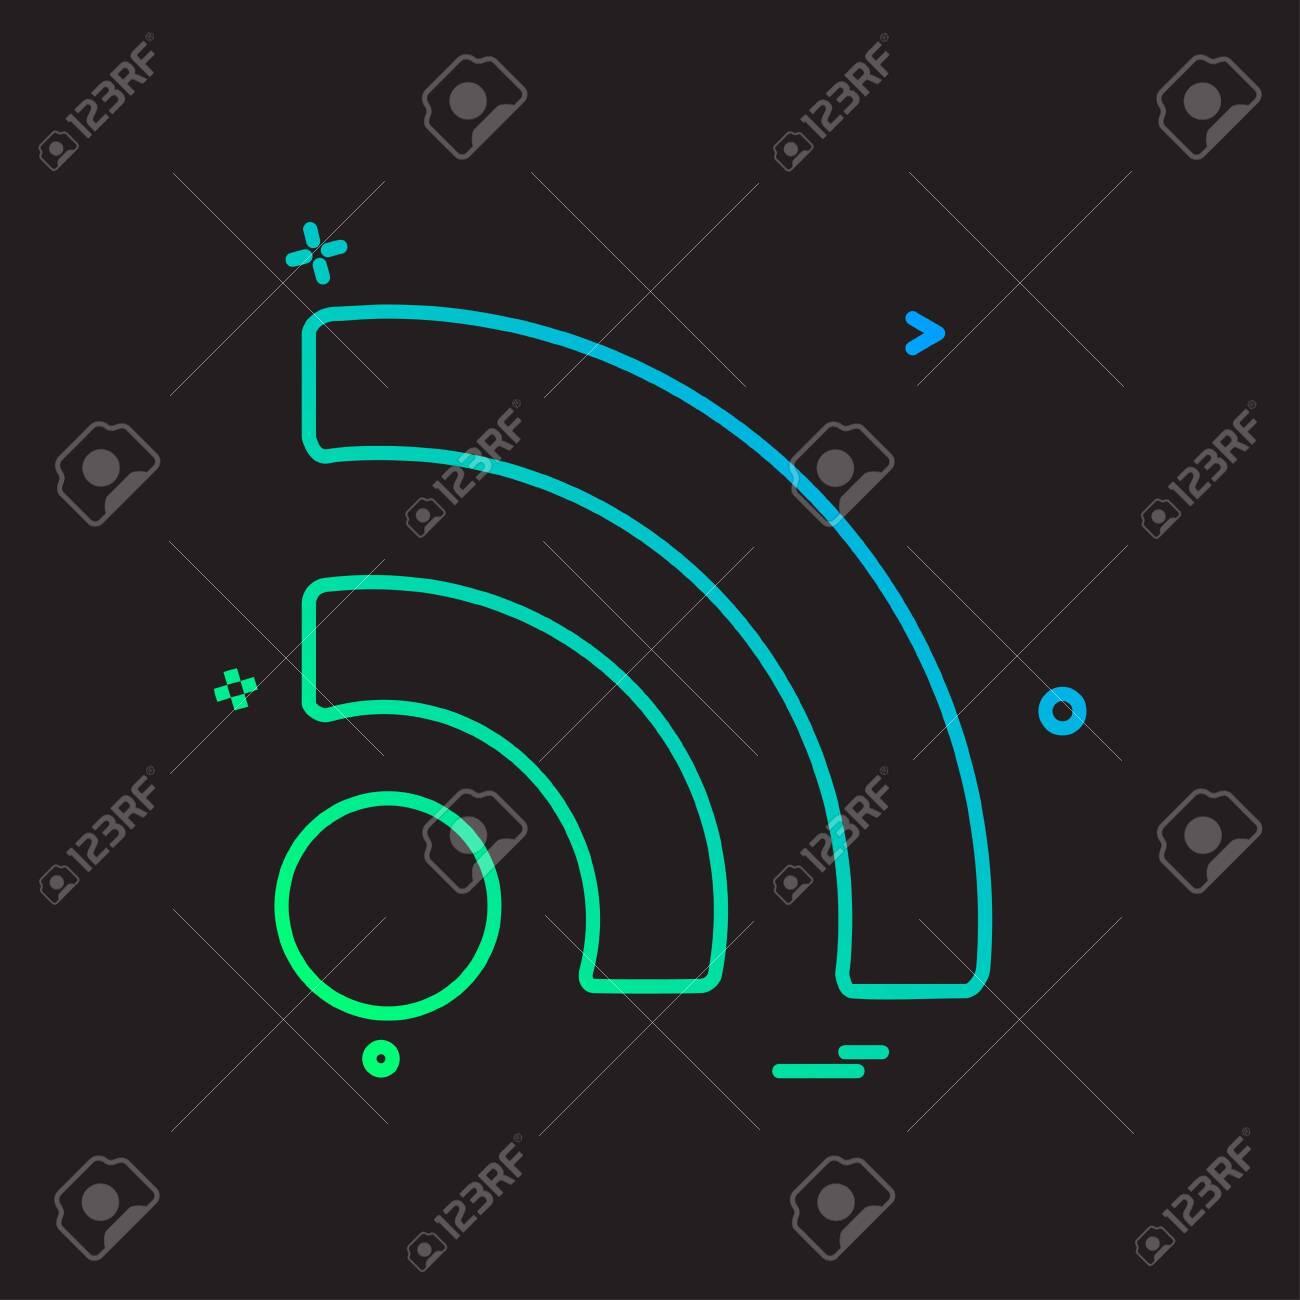 Wifi icon design vector - 150424653